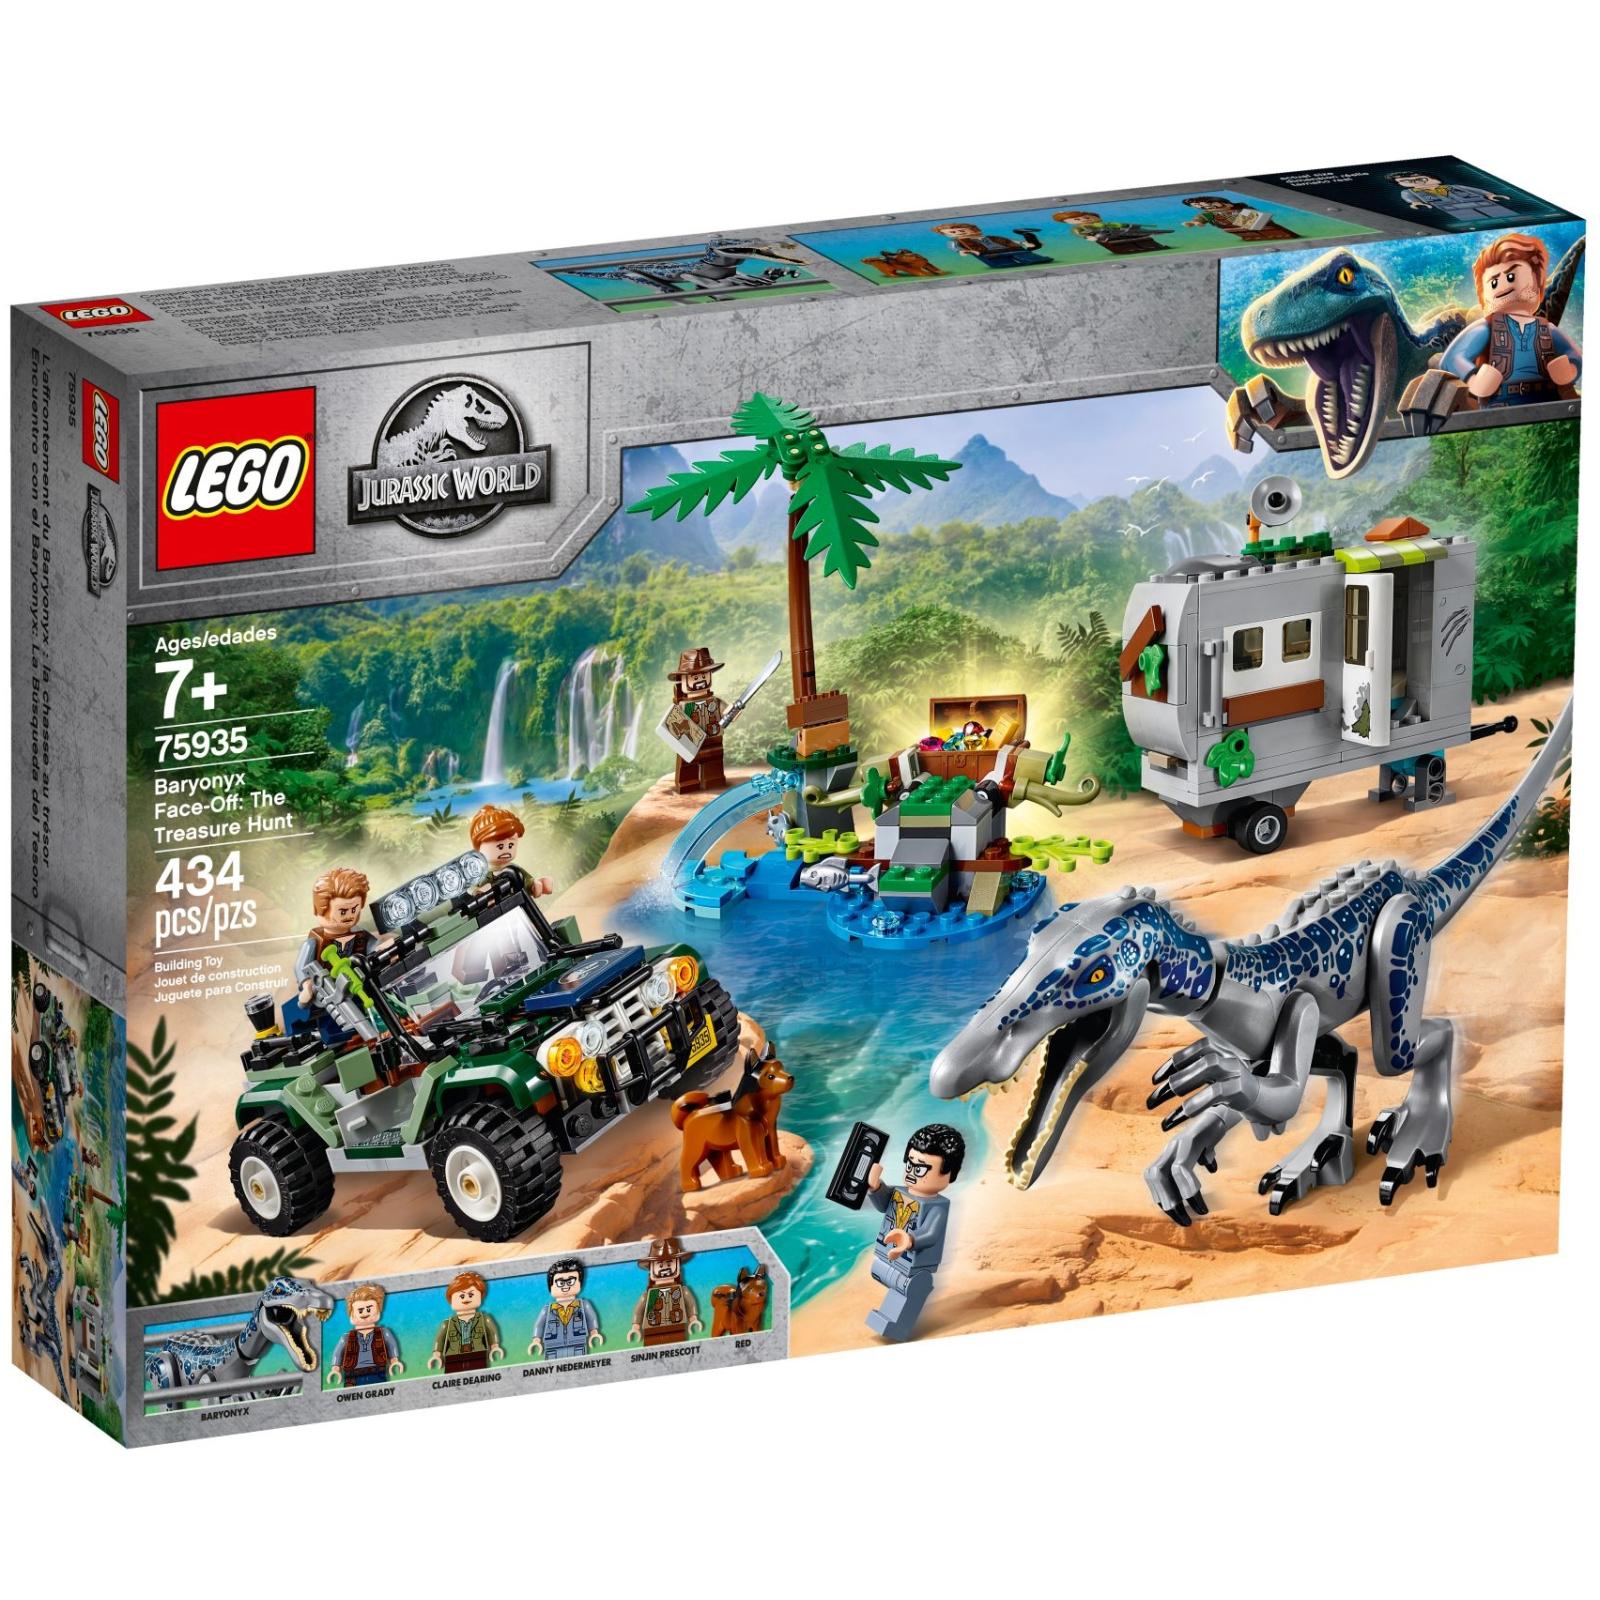 Конструктор LEGO Jurassic World Поединок с бариониксом: охота за сокровищами (75935)